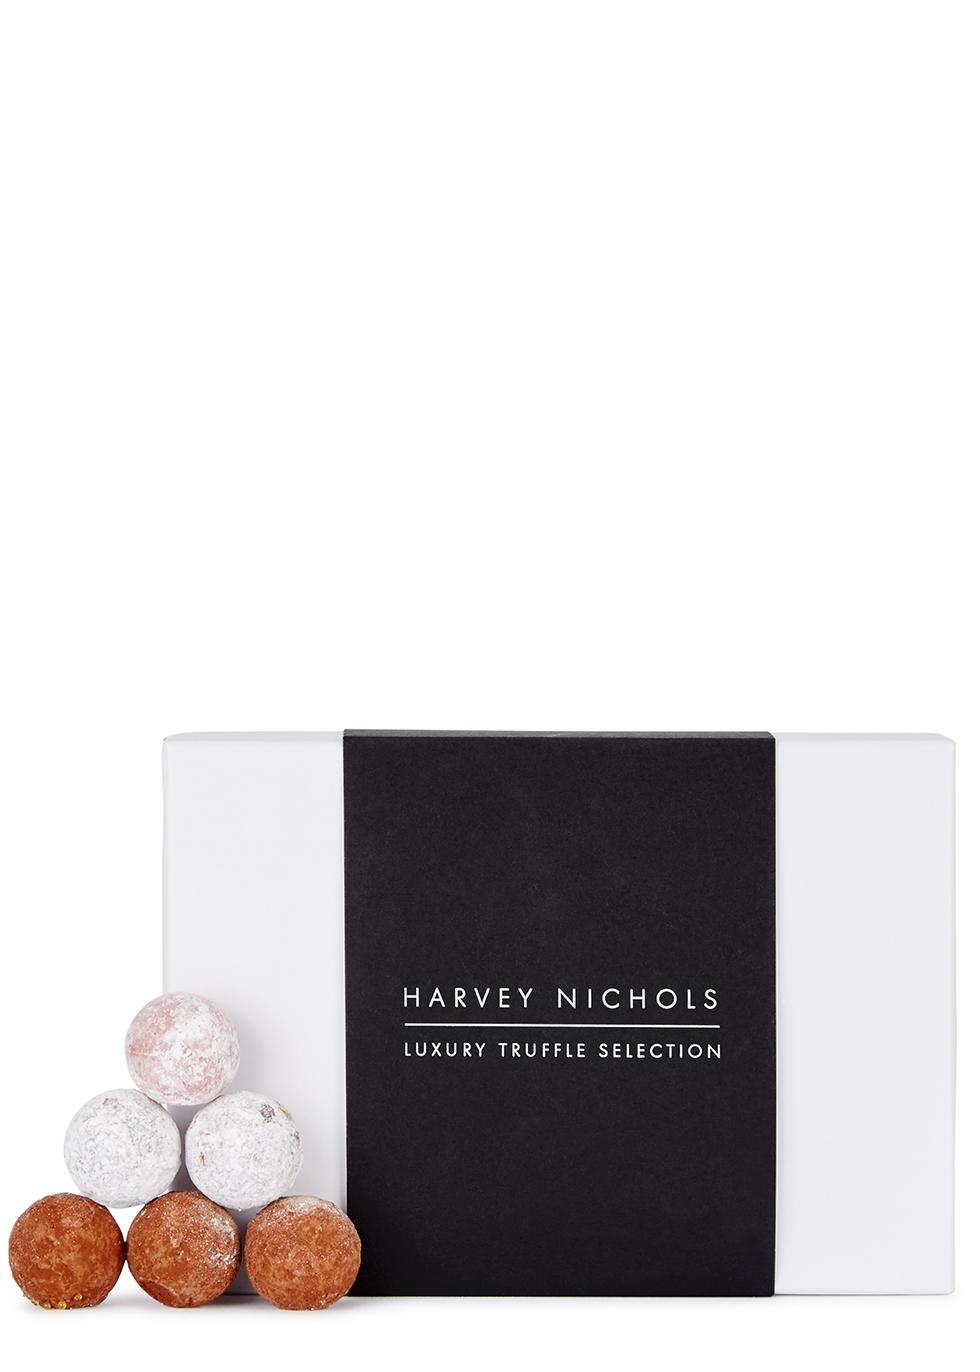 Luxury Truffle Selection Box 250g - Harvey Nichols